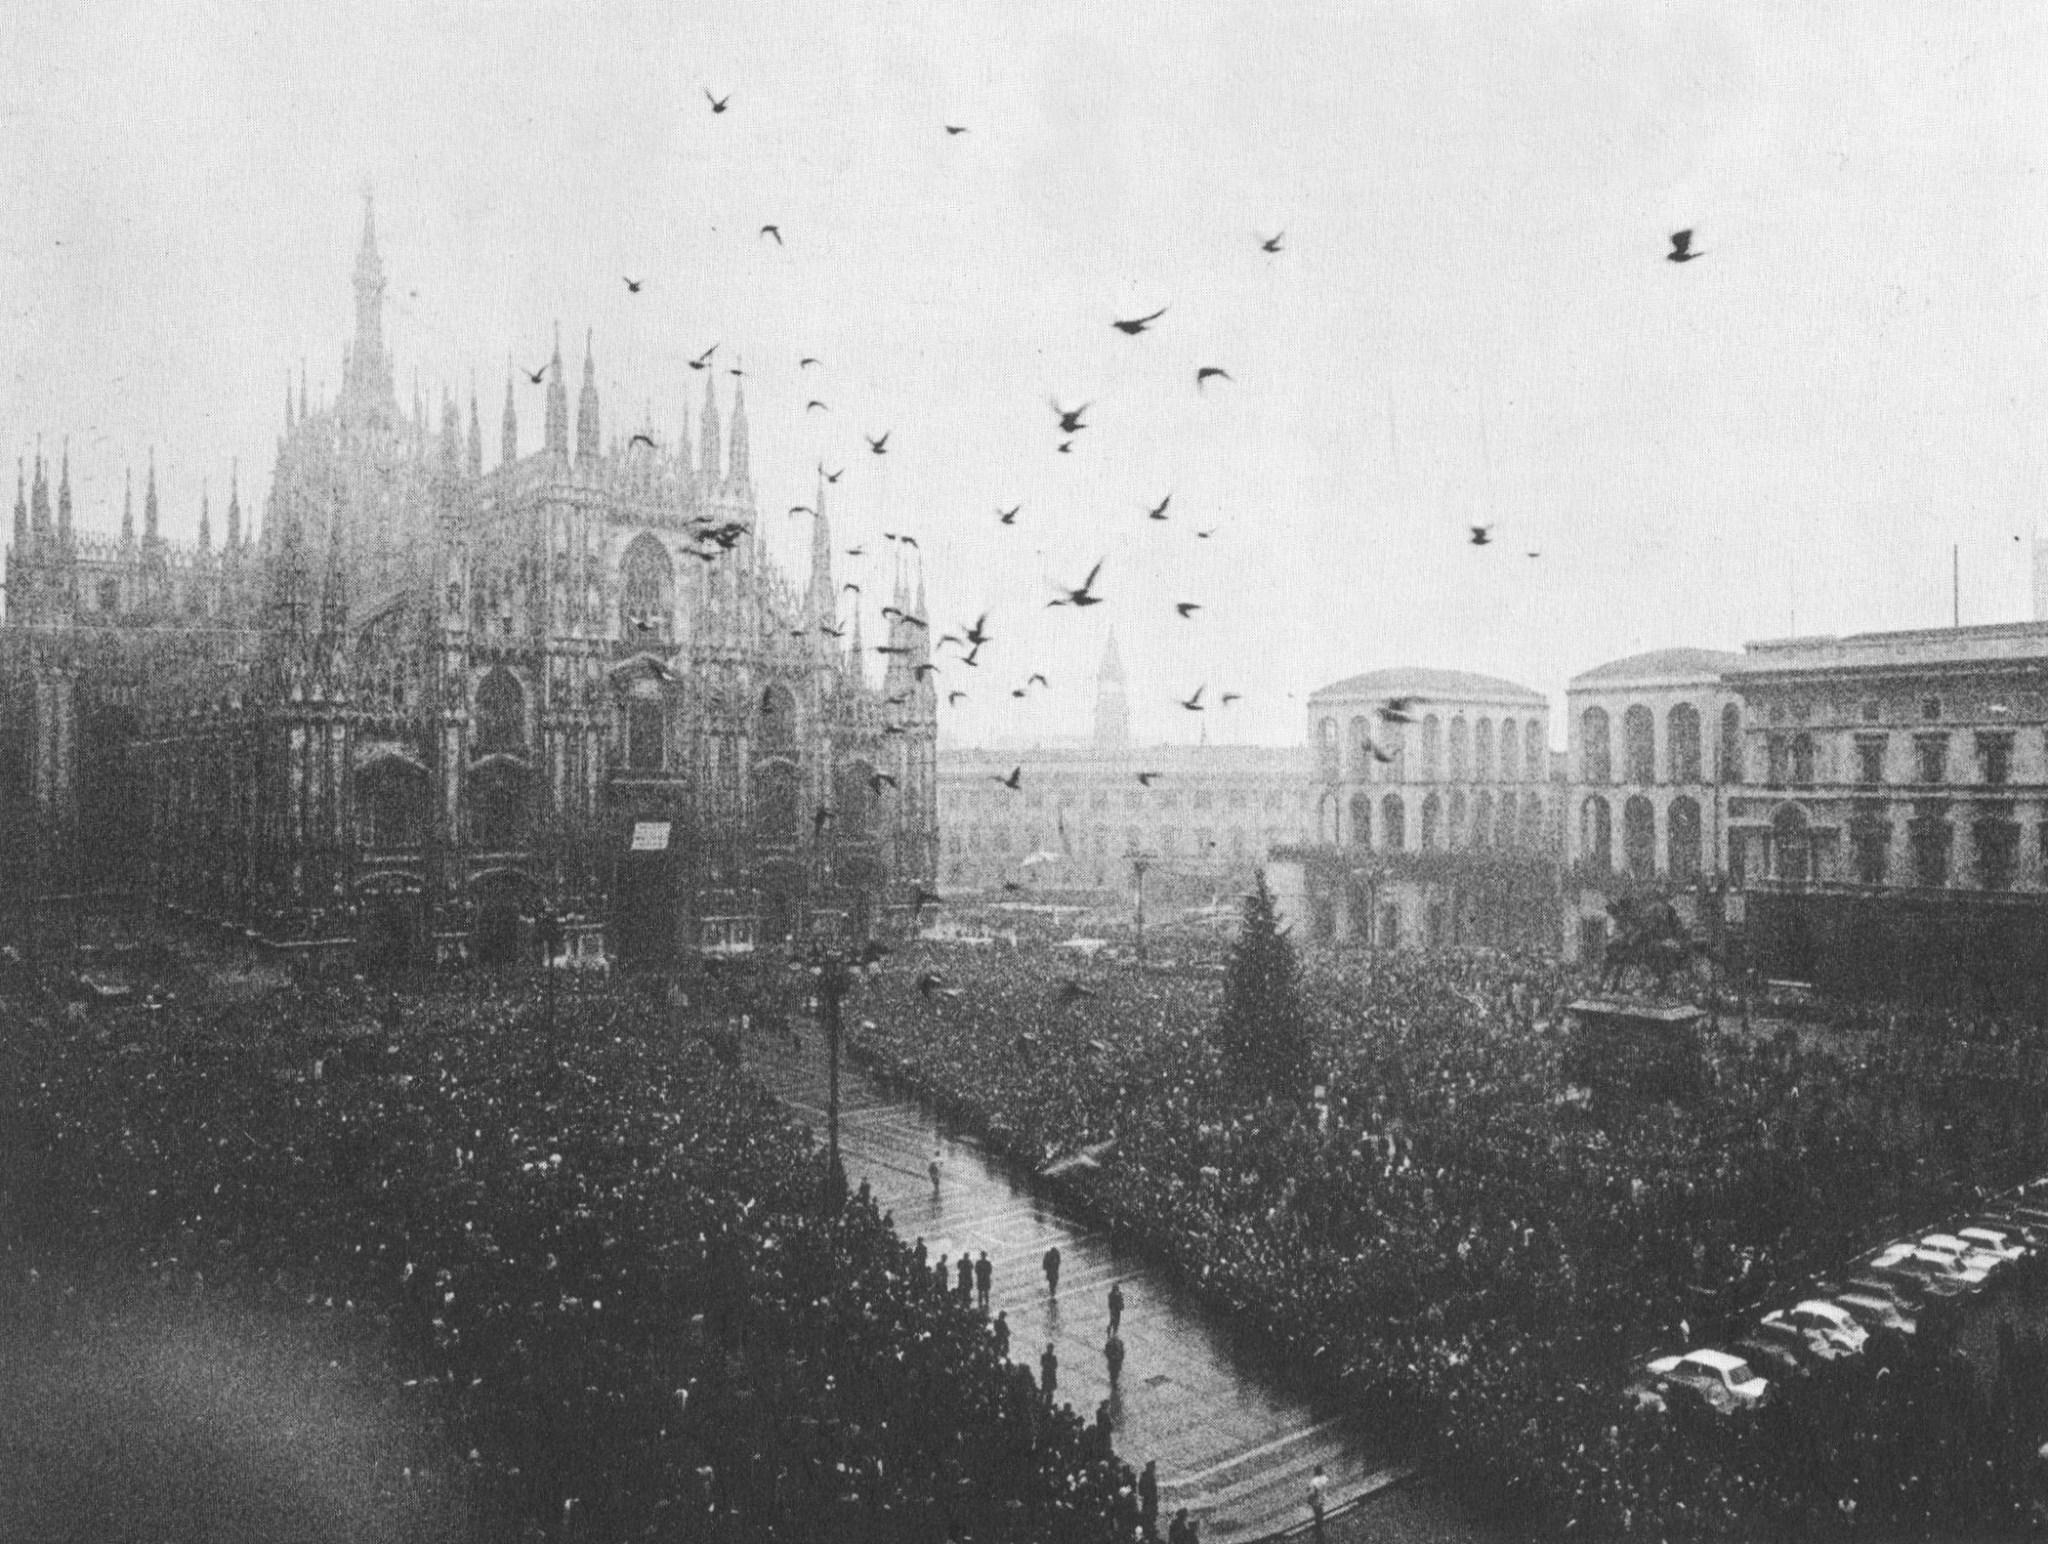 Strategia della tensione - funerali vittime piazza fontana